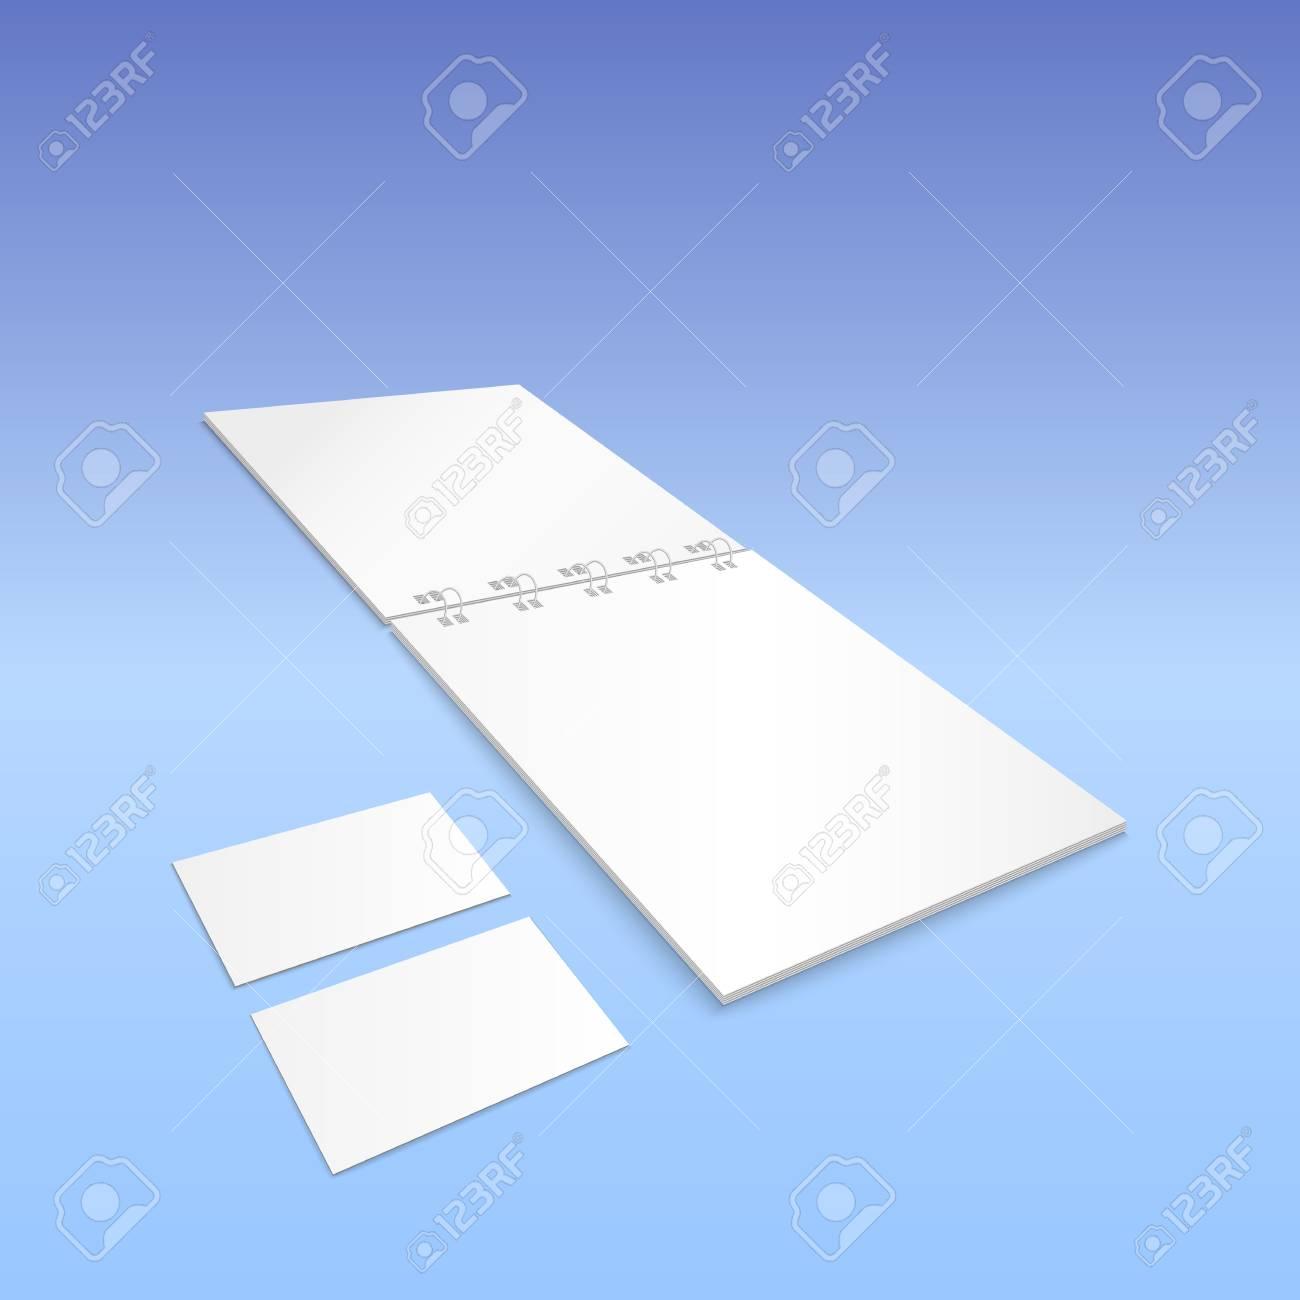 Cahier A Spirale Blanc Avec Des Cartes De Visite Isole Sur Fond